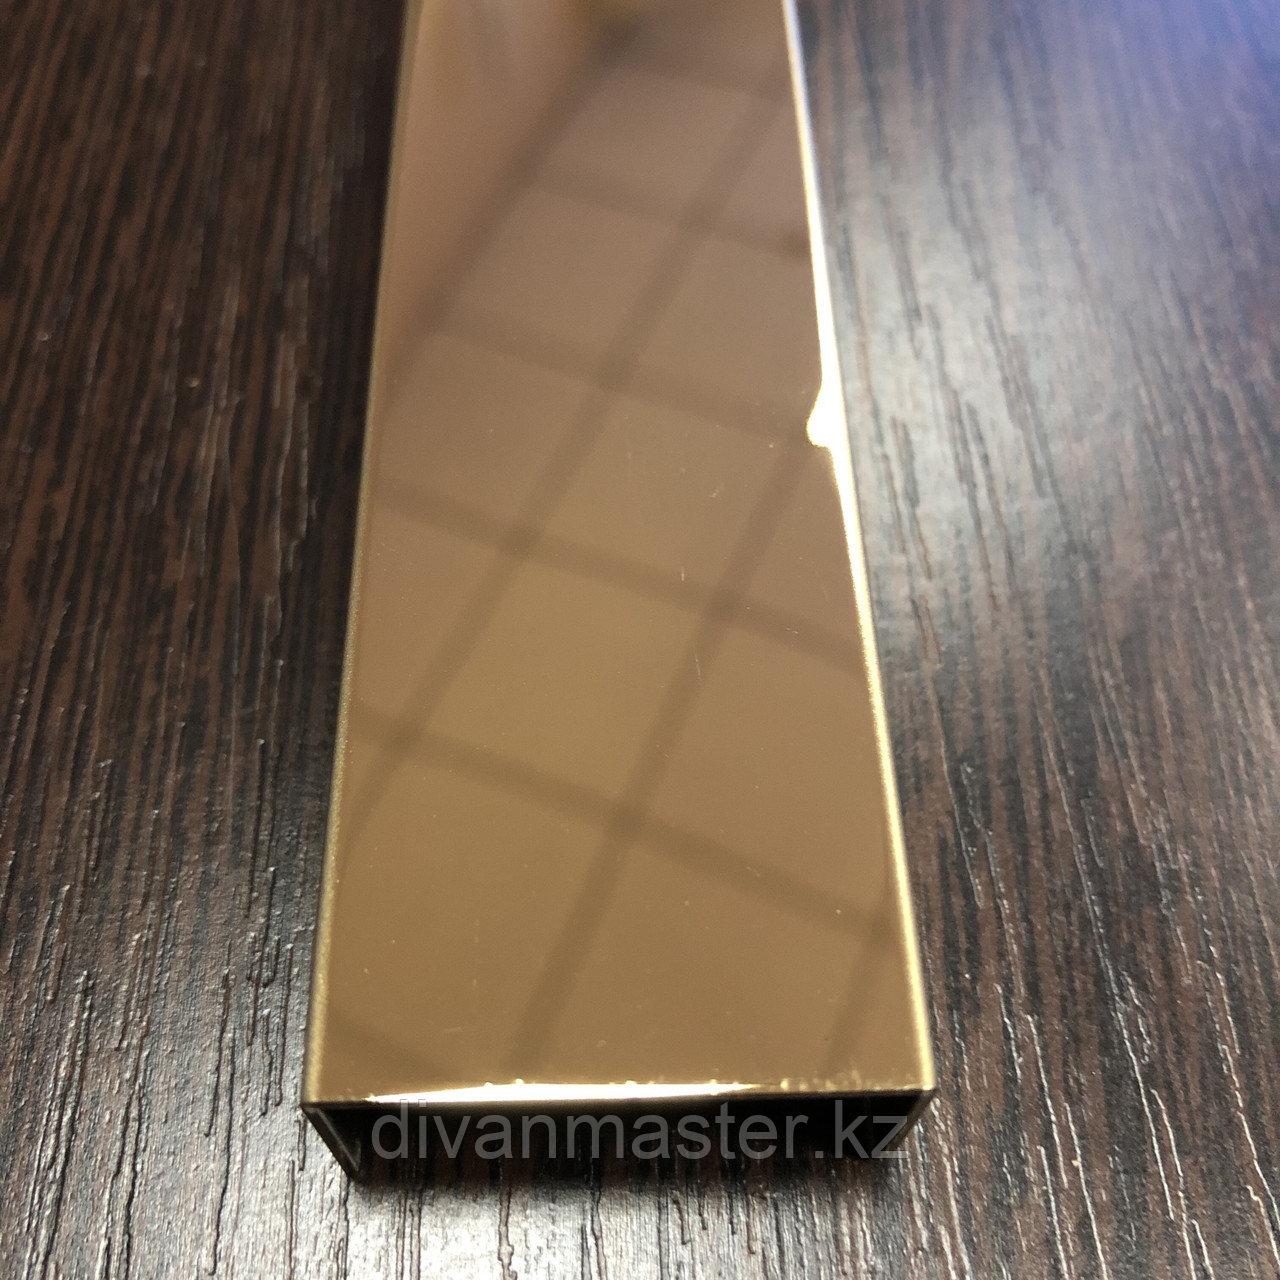 Профиль для декорирования мебели 12*30, зеркальное золото, 305 см